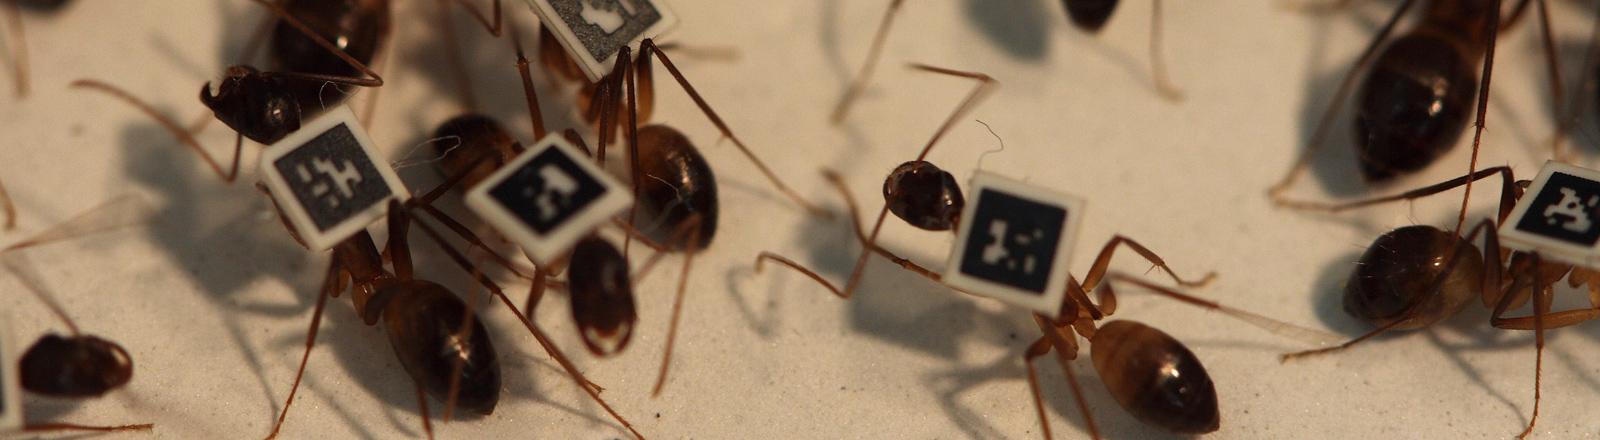 Camponotus fellah mit QR-Code auf dem Rücken